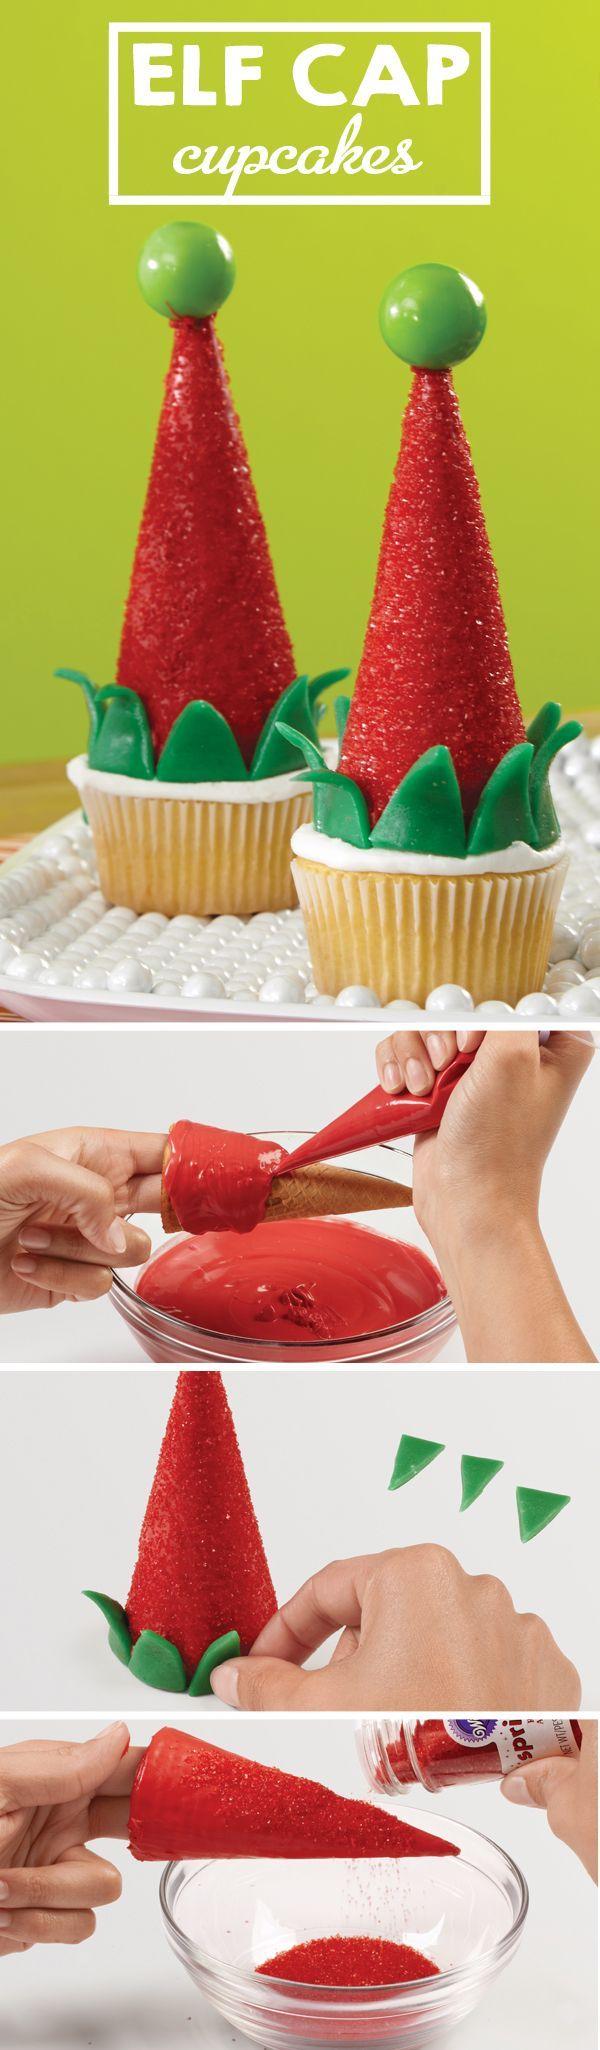 Haz estos lindos Cupcakes de Elf Cap con / partycity /   – Christmas Cupcakes & Cake